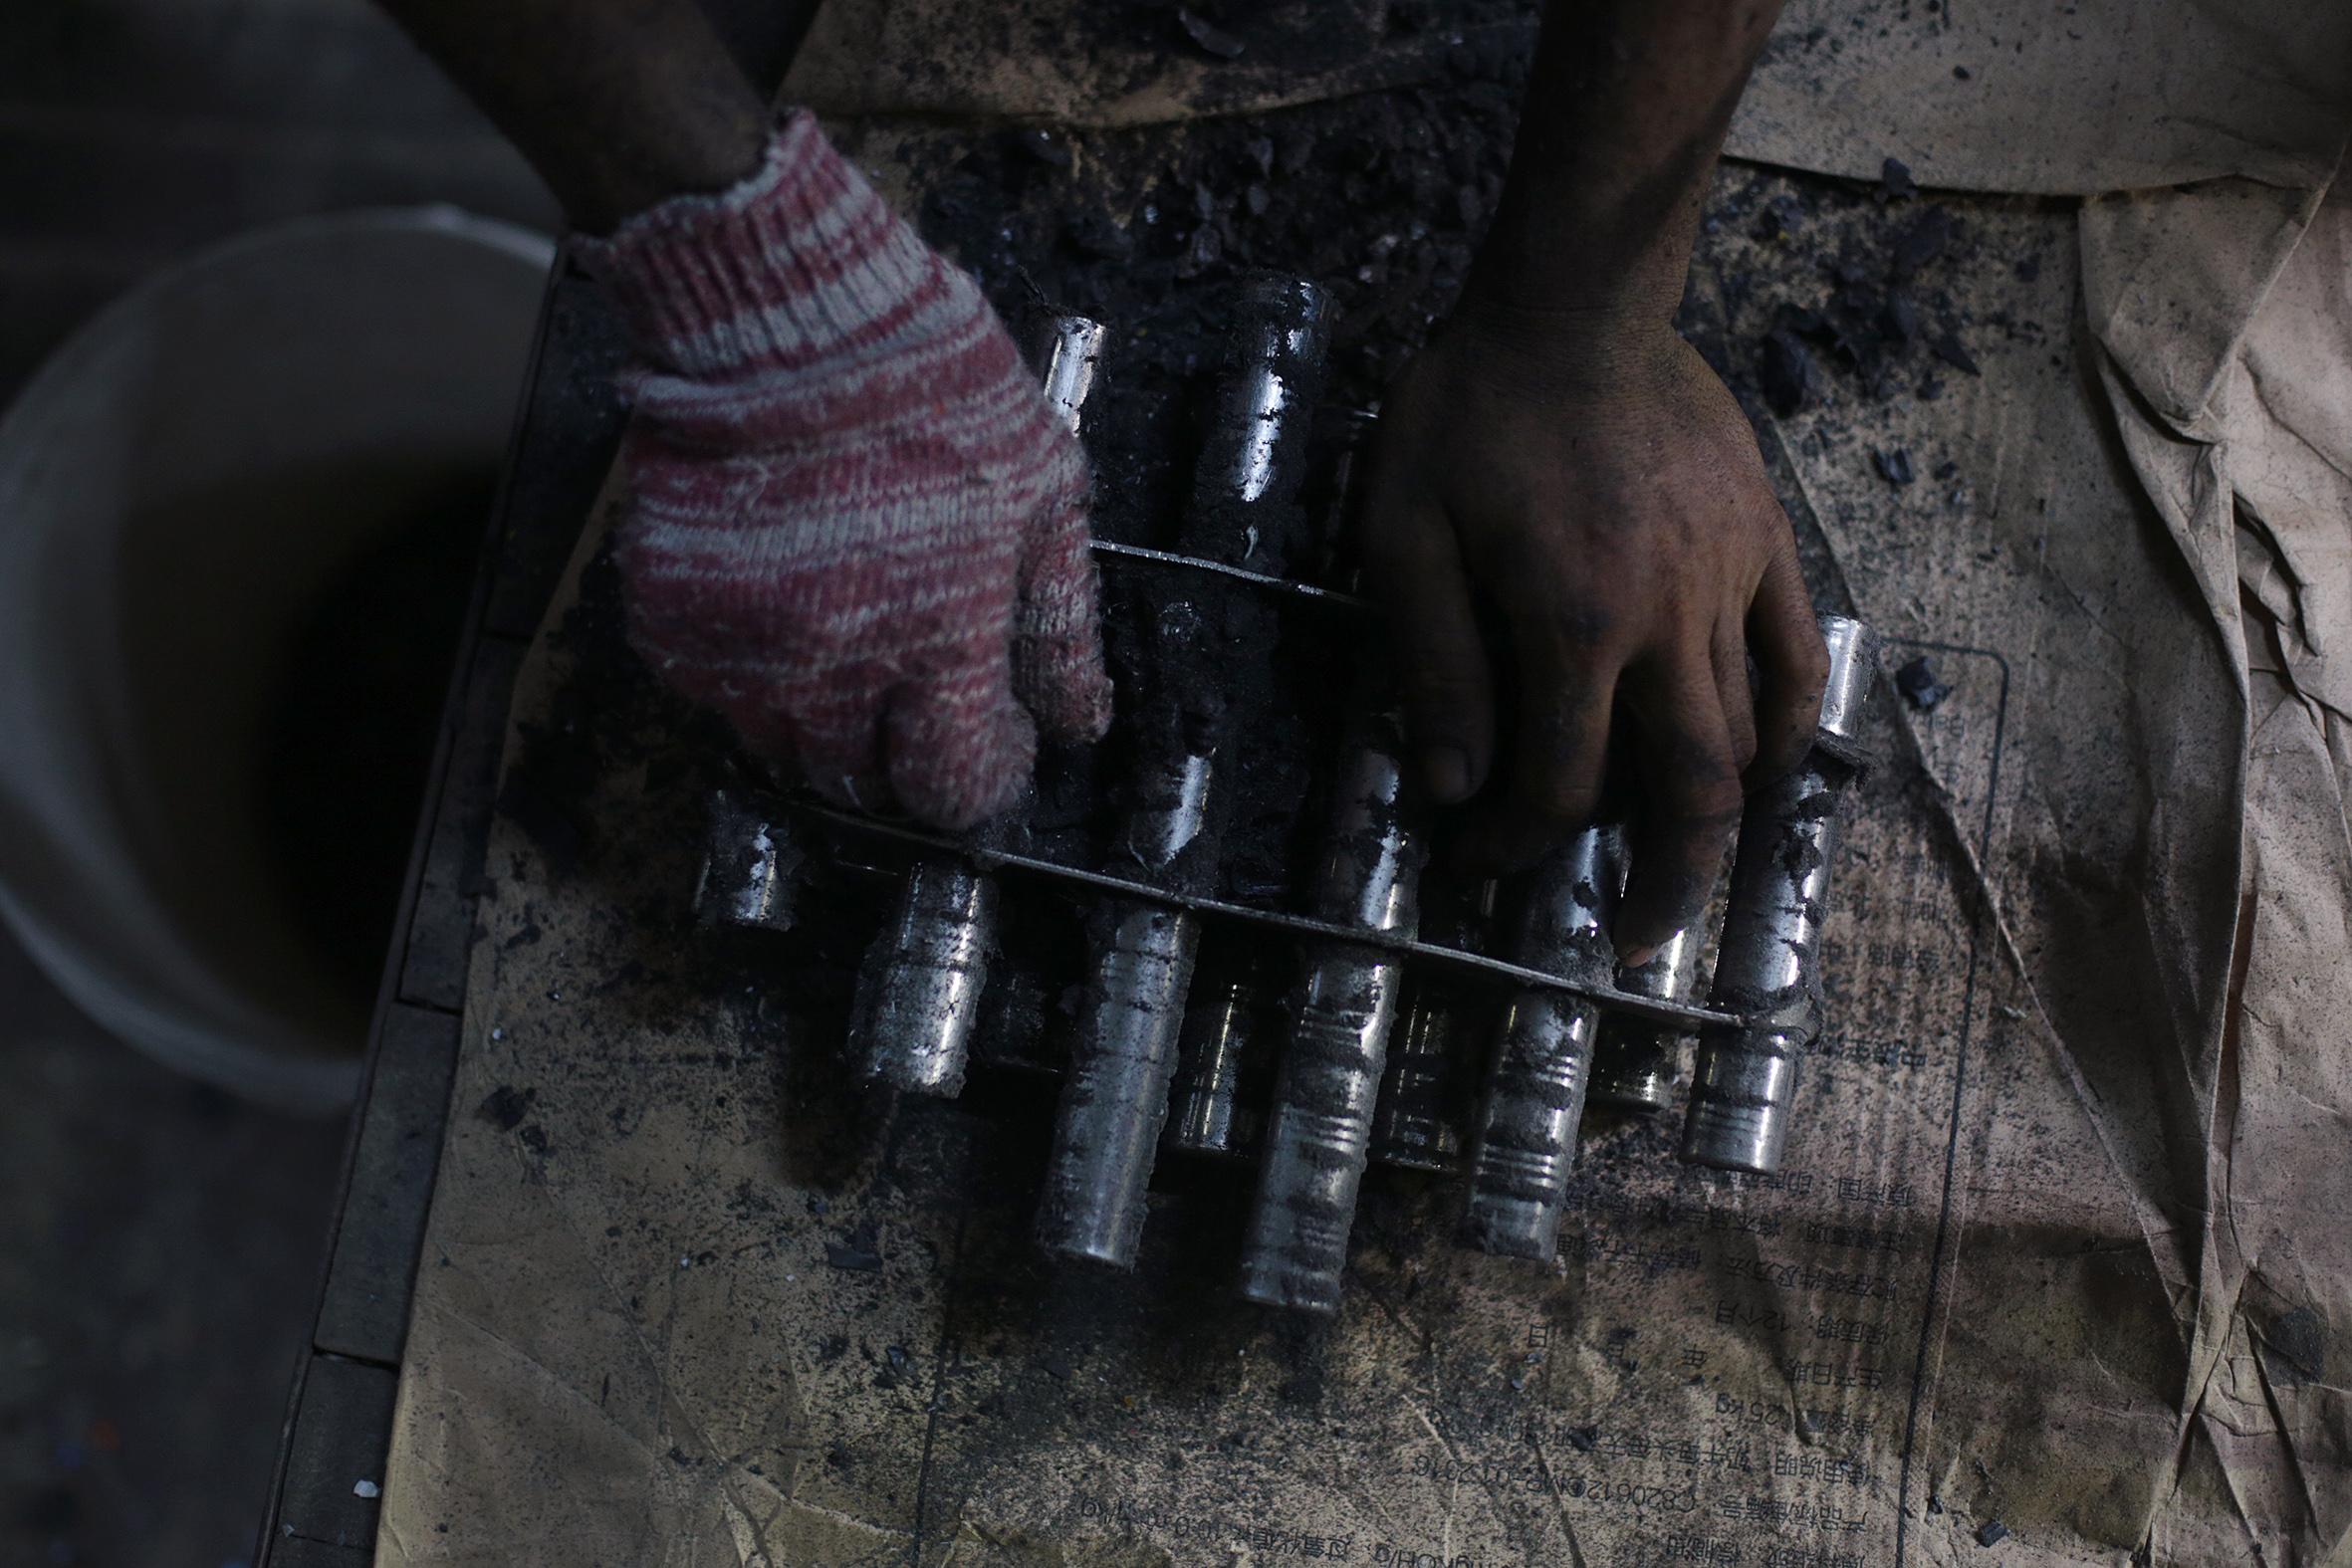 Một công nhân loại bỏ kim loại từ một nam châm được sử dụng trong một máy nghiền nhựa. Nam châm được lắp đặt trong các máy nghiền của cơ sở để đảm bảo rằng nhựa tái chế không có tạp chất kim loại trước khi chuyển sang giai đoạn tiếp theo của quá trình tái chế.